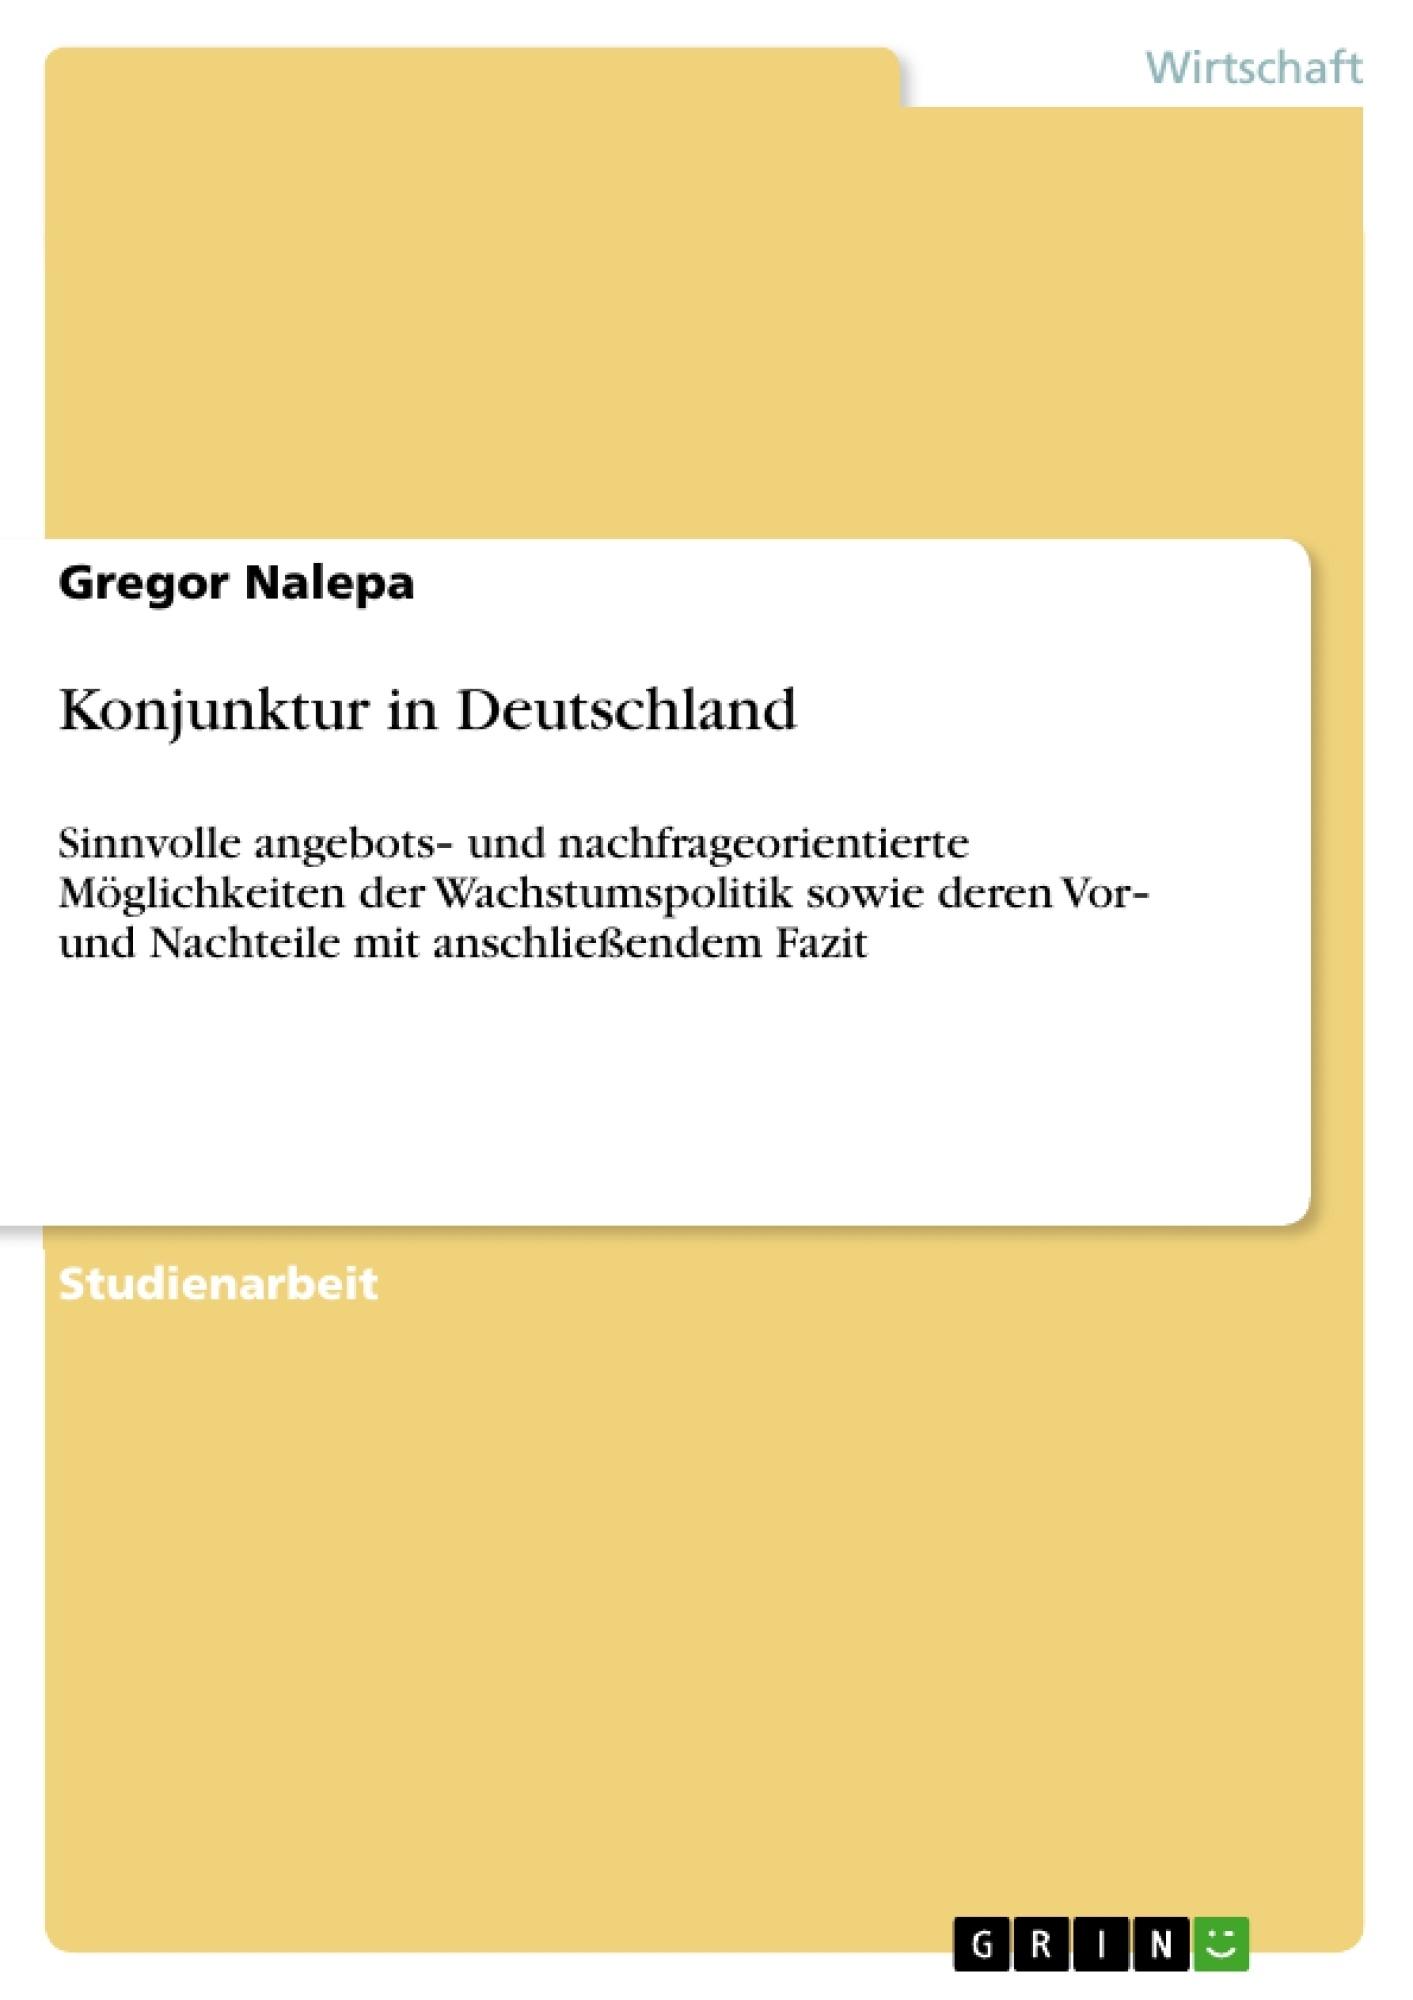 Titel: Konjunktur in Deutschland